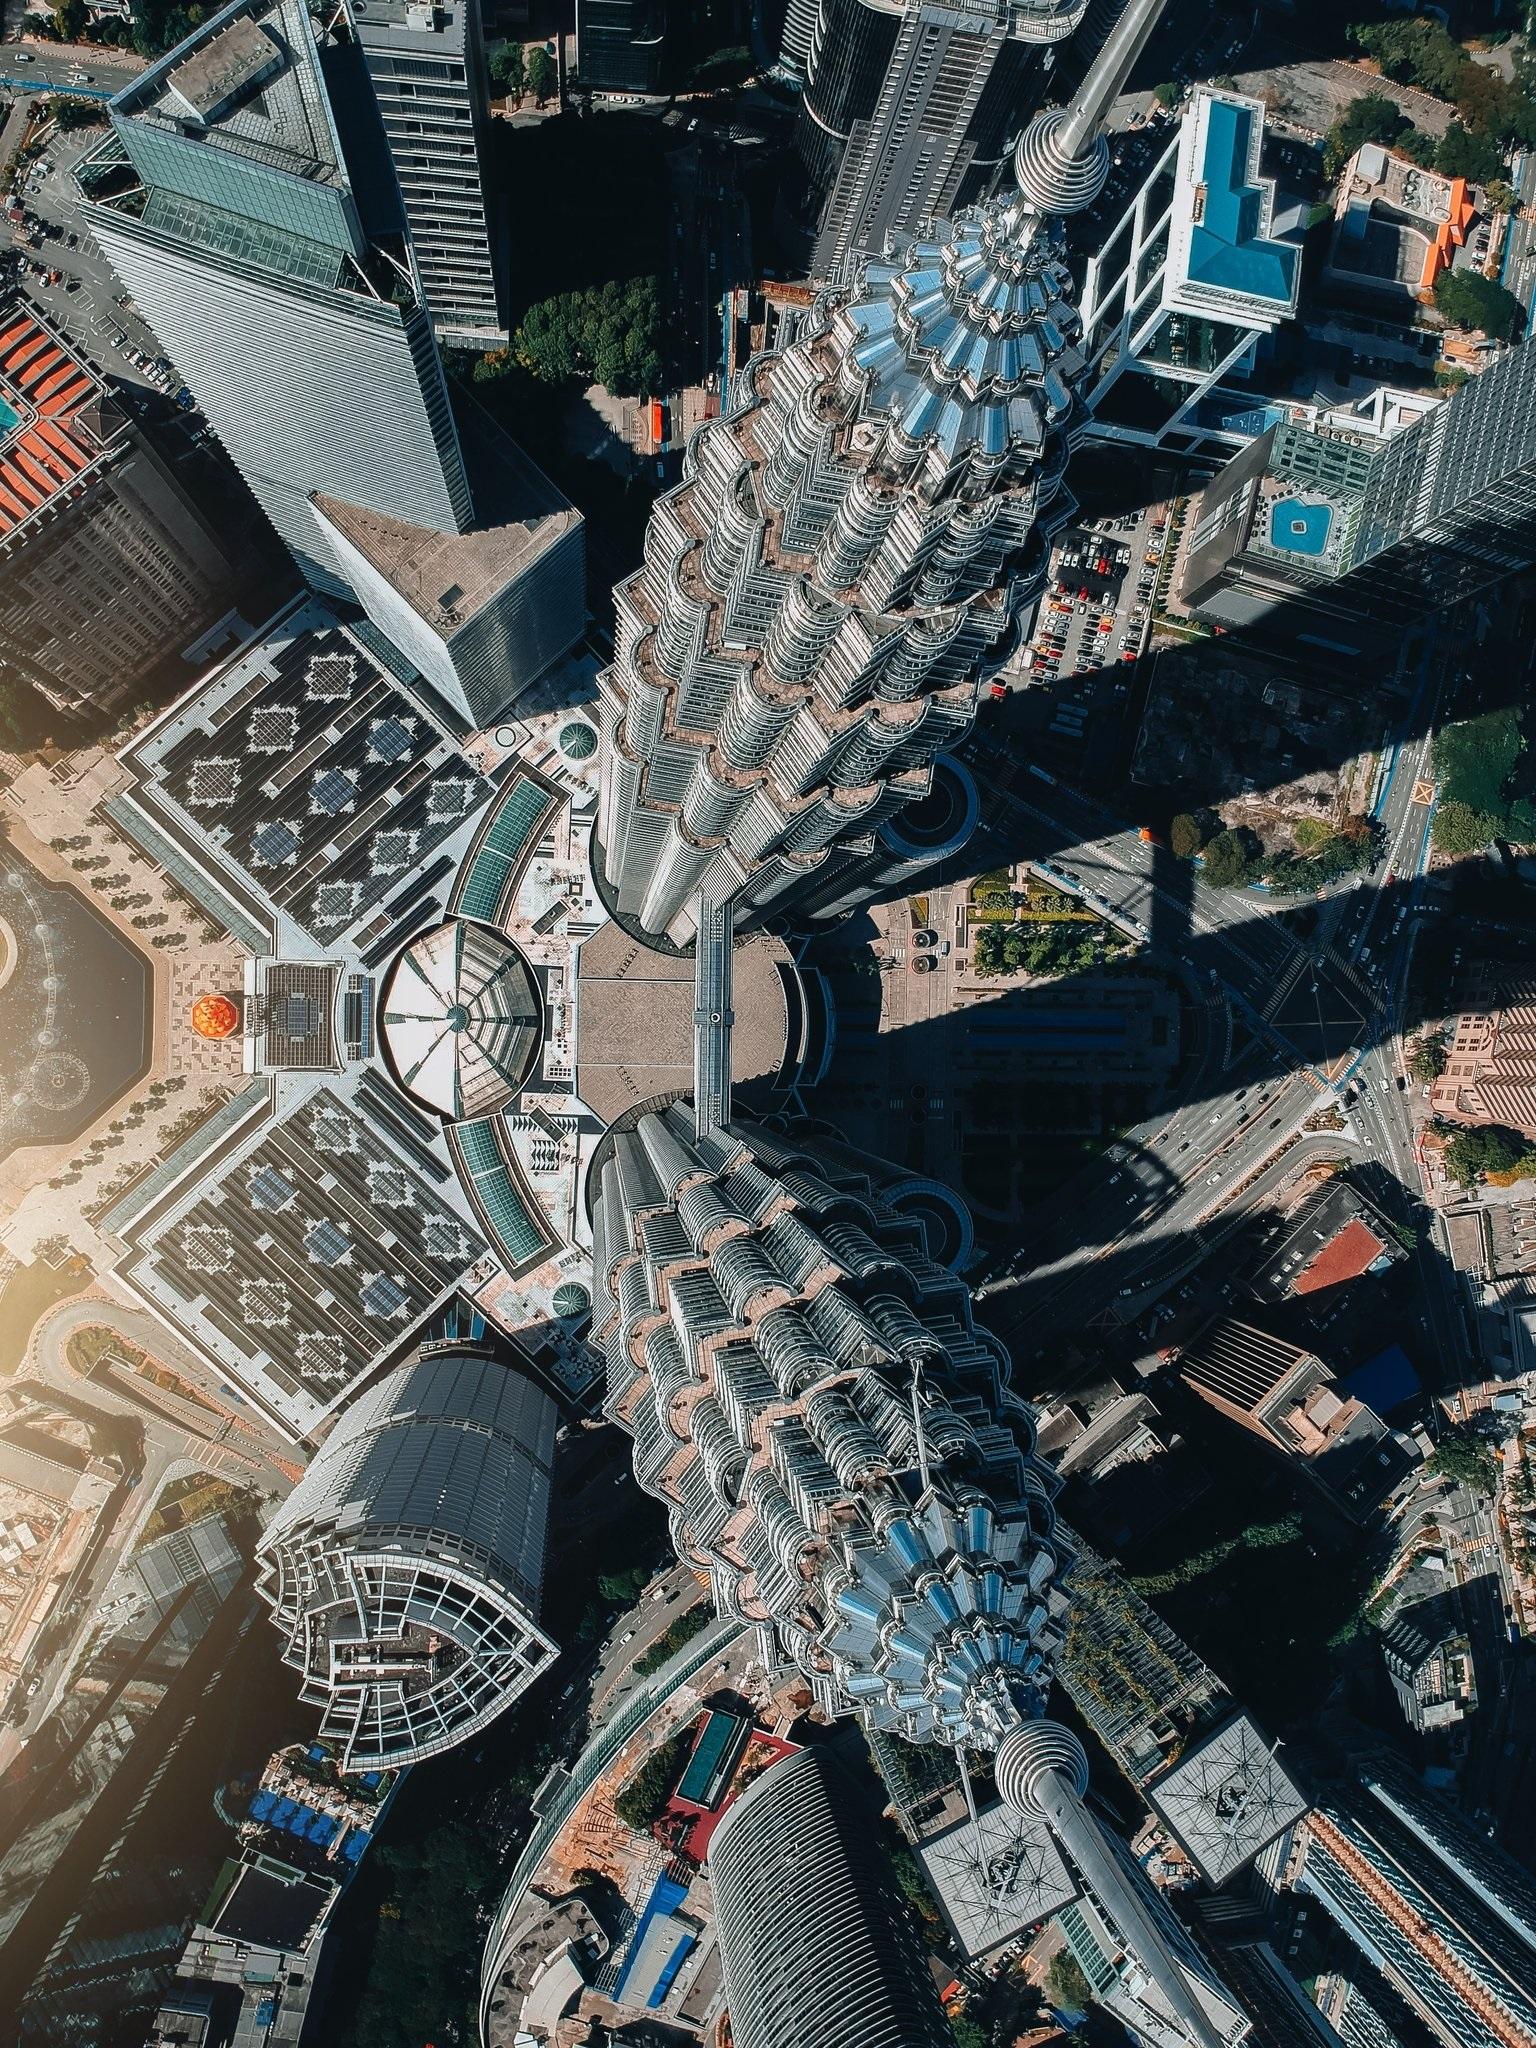 Ảnh đẹp nhất về tháp đôi Petronas trong lòng thủ đô Kuala Lumpur nước Malaysia